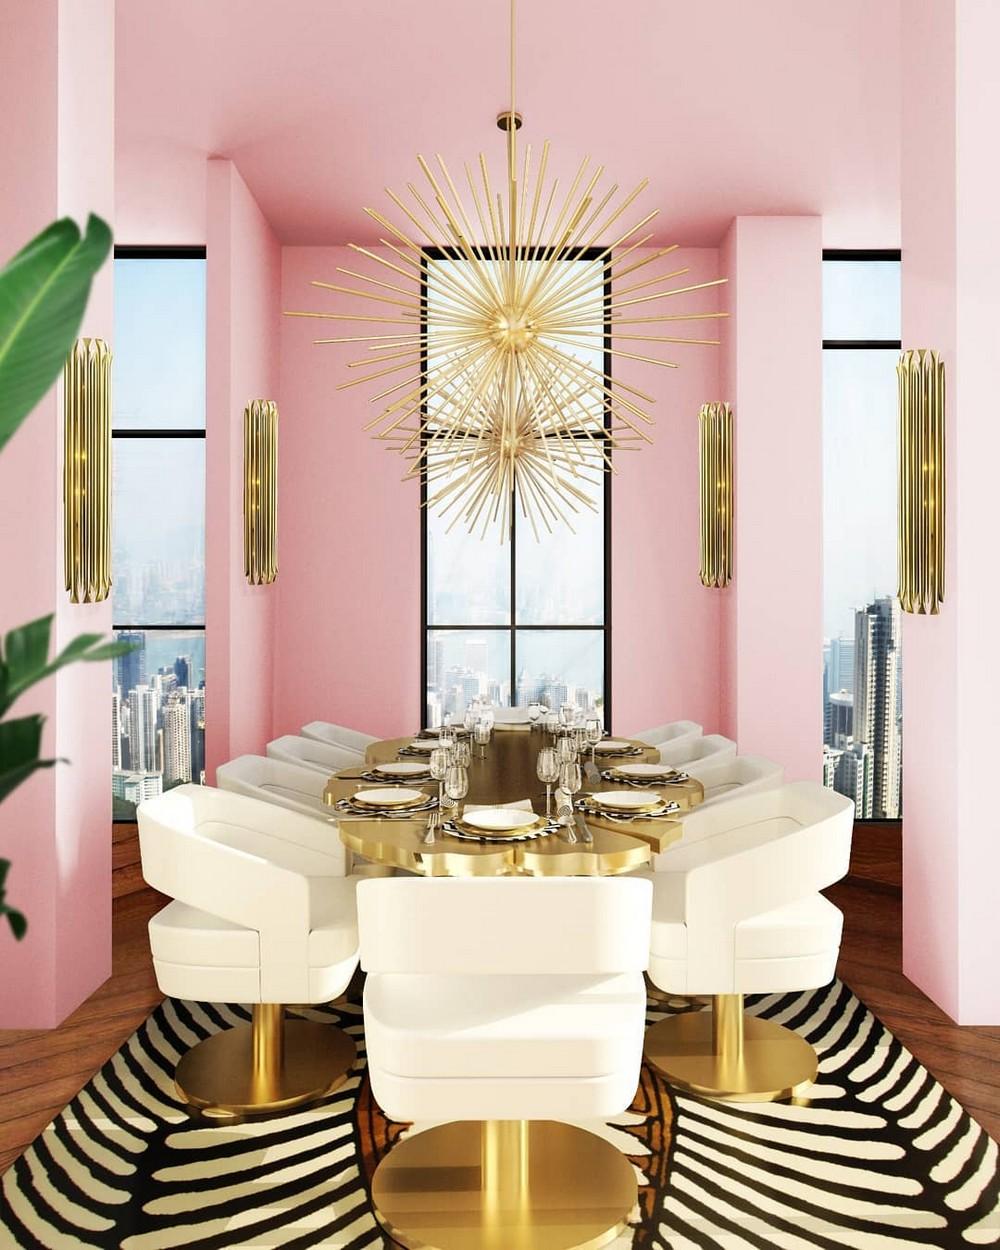 Comedores lujuosos: Inspiraciónes perfectas para un Diseño de interior moderno comedores lujuosos Comedores lujuosos: Inspiraciónes perfectas para un Diseño de interior moderno 12